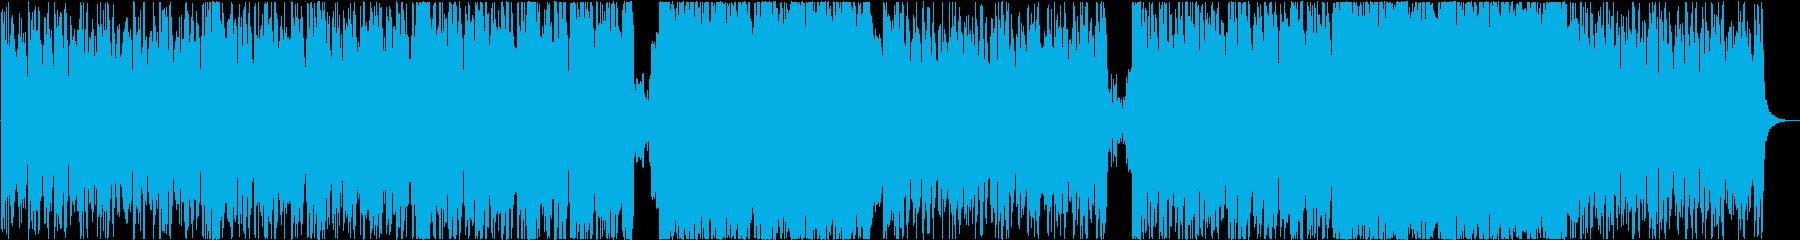 戦闘・決戦シーンっぽい壮大なオーケストラの再生済みの波形